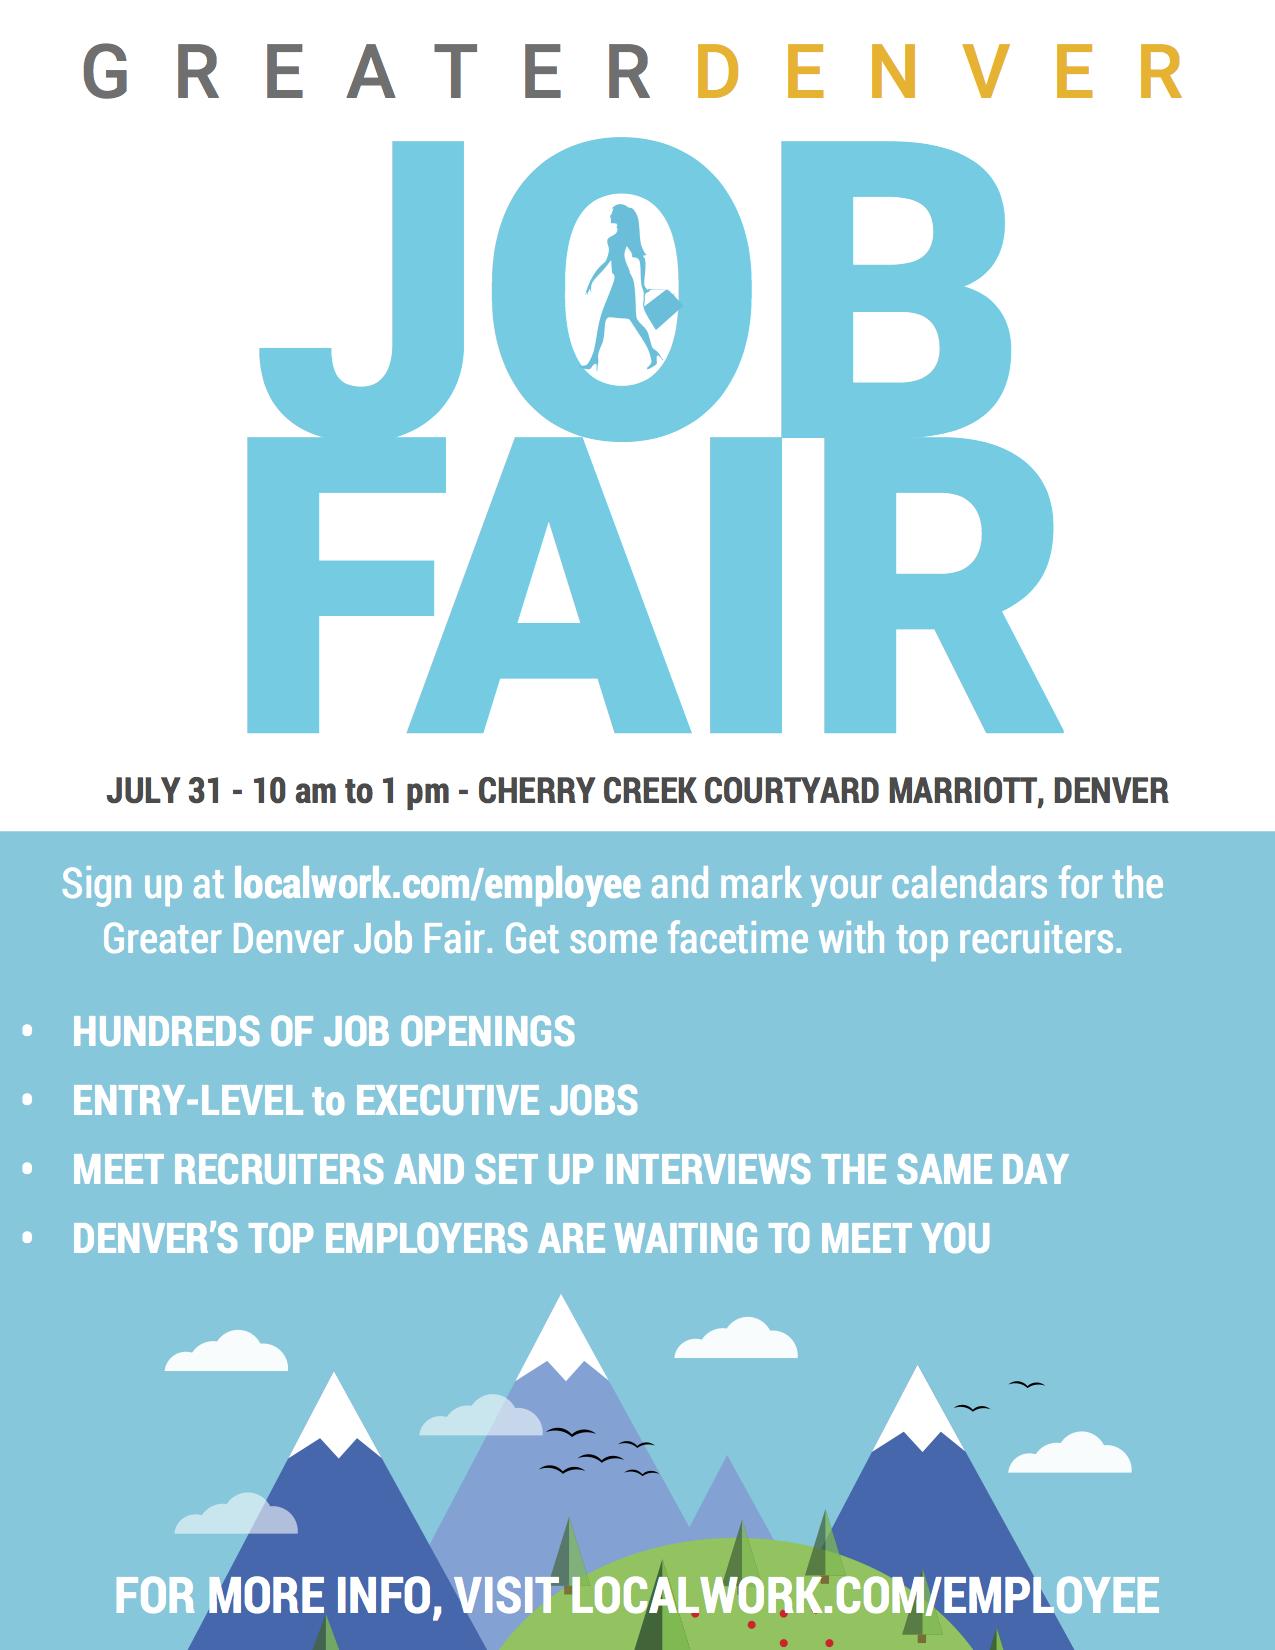 Greater Denver Job Fair Information